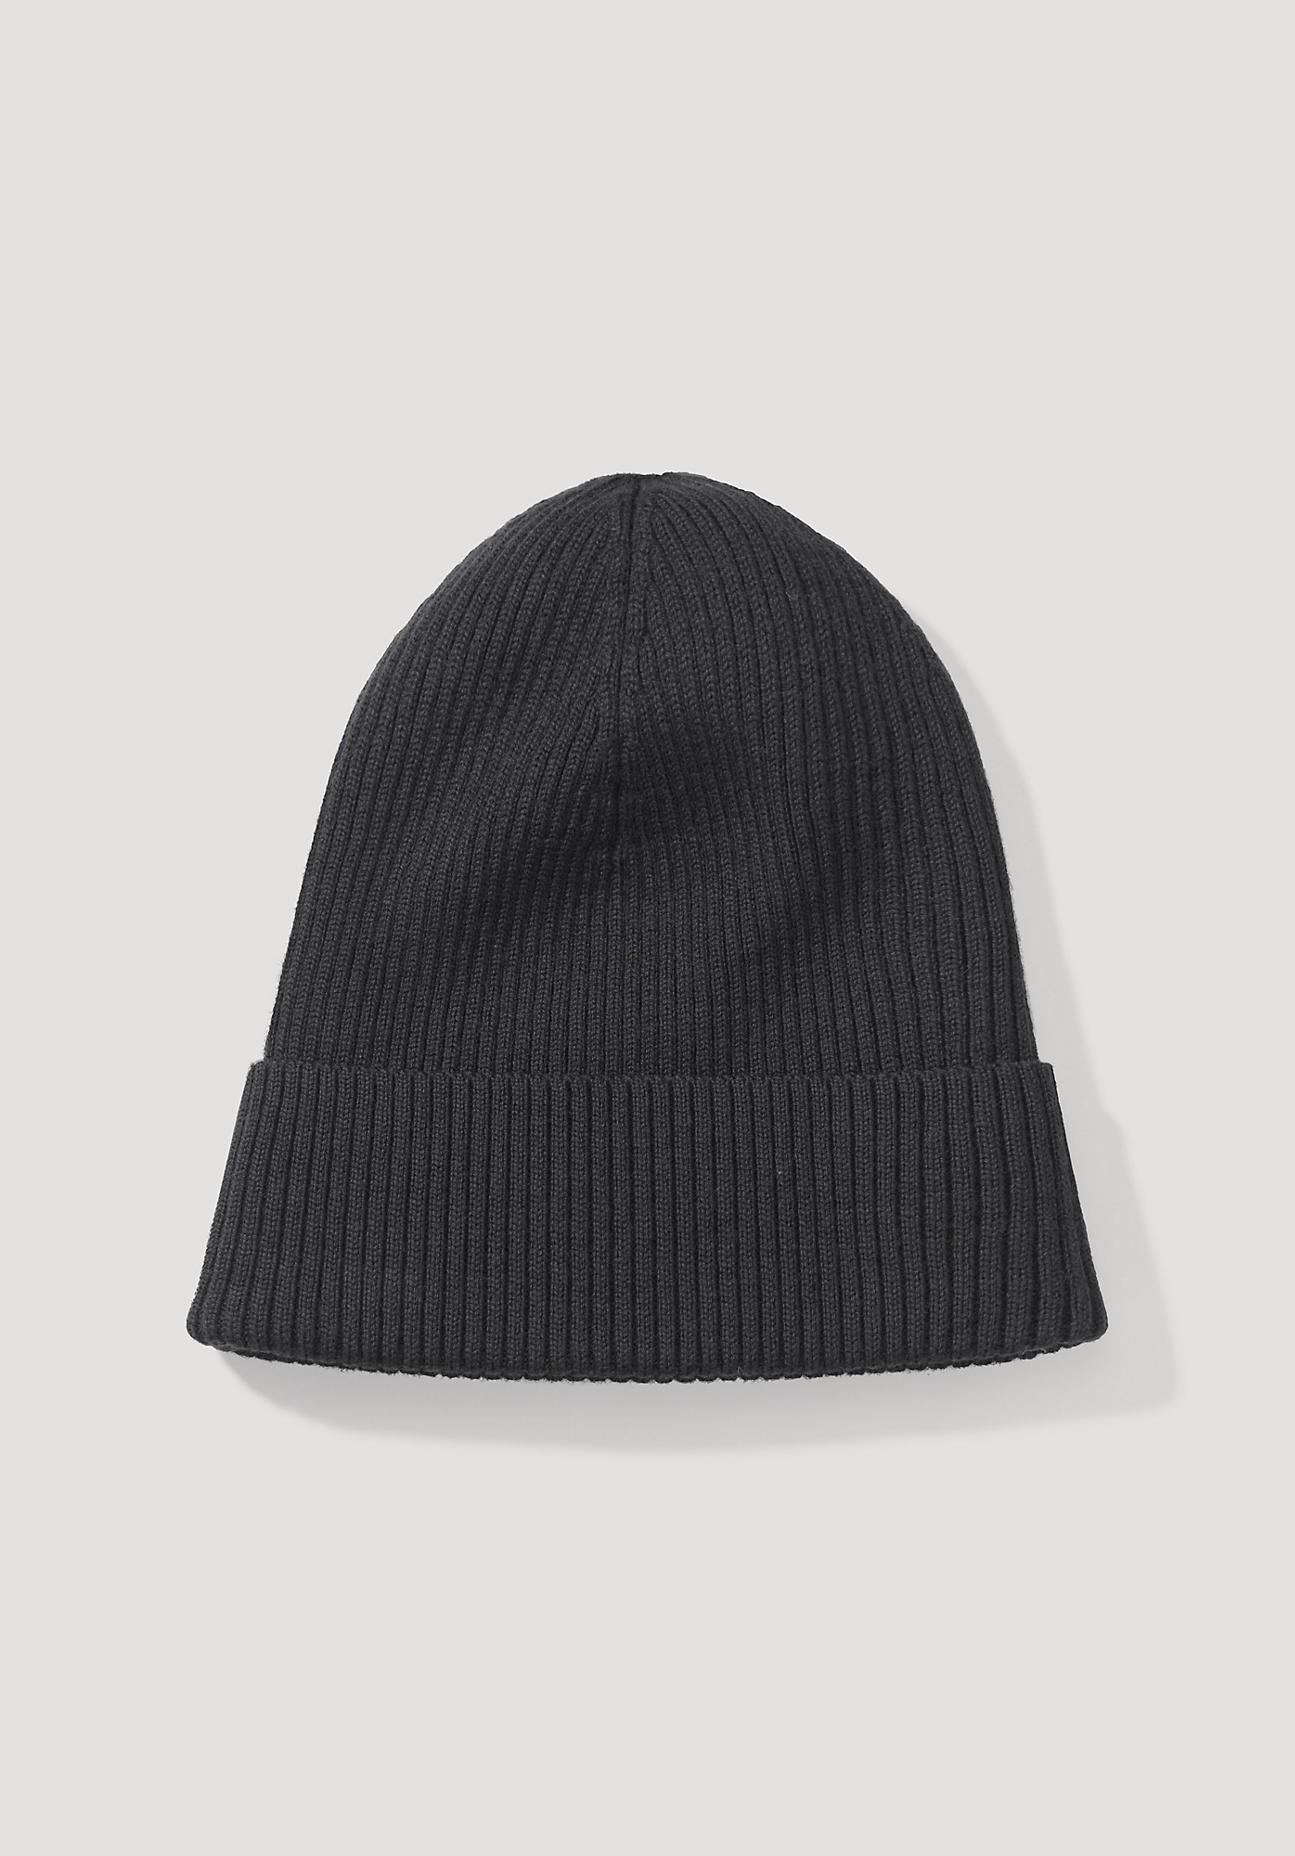 hessnatur Herren Mütze aus Merinowolle – grau – Größe 21,5x21,5 cm